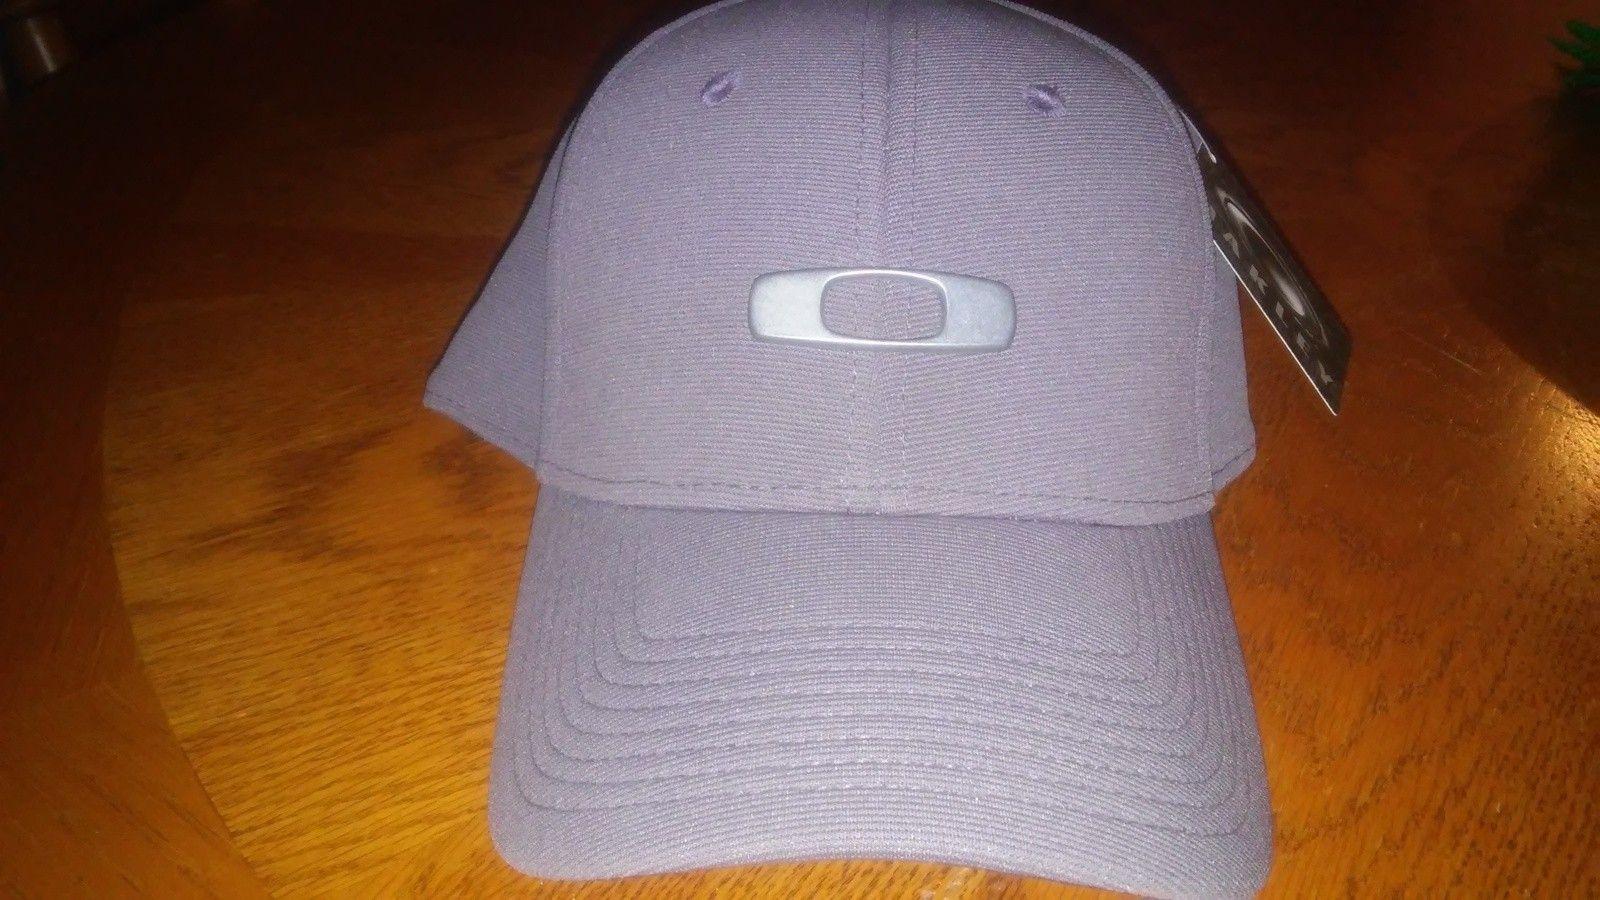 Bnwt Gas Can hat - 1439324125148.jpg